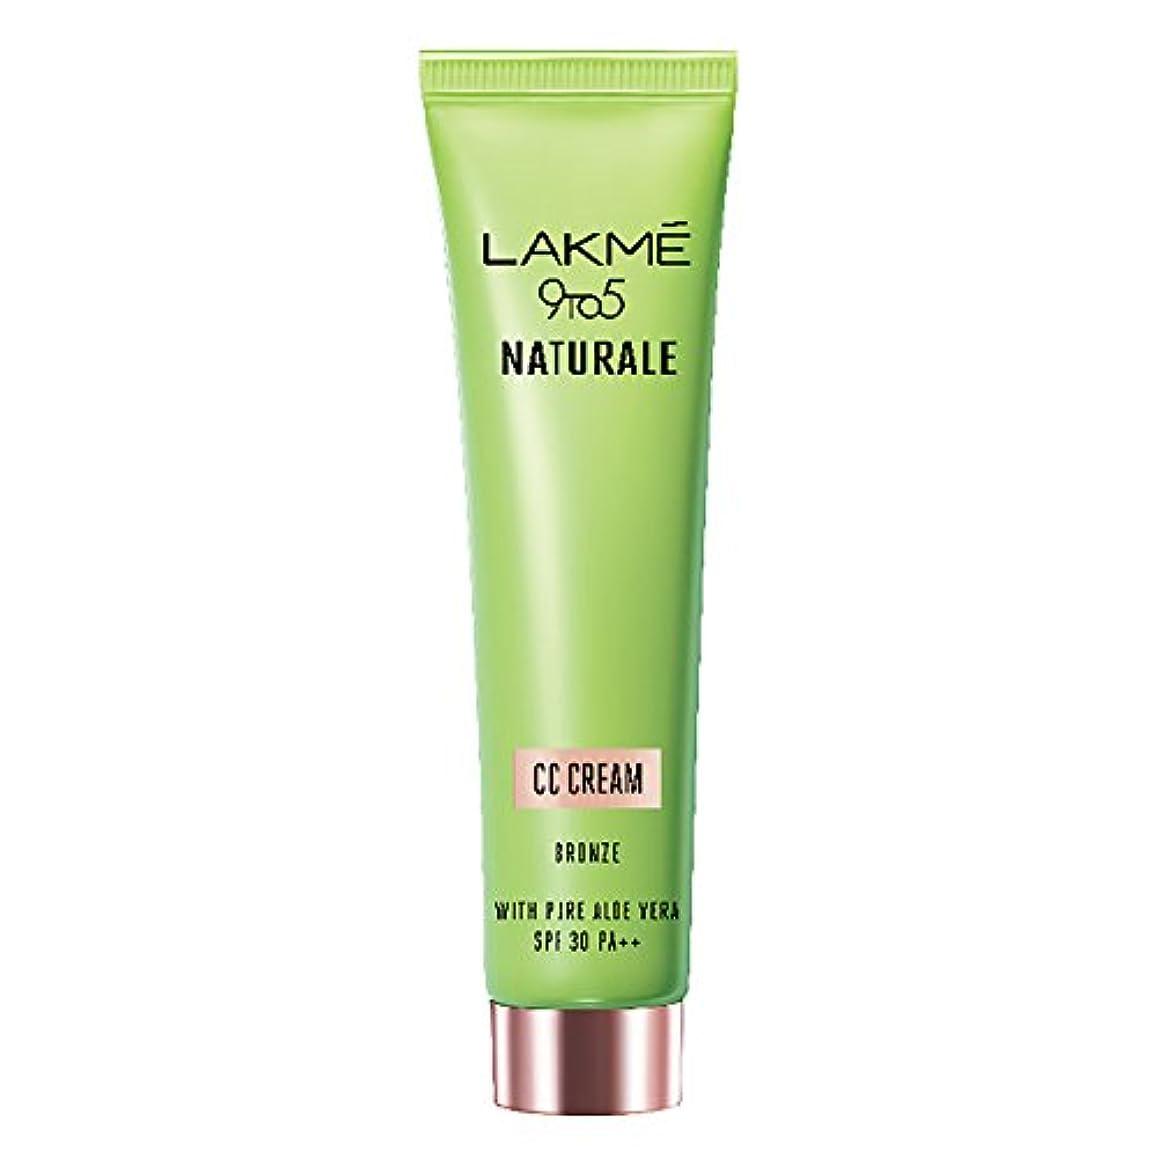 ぬれたシーン期待するLakme 9 to 5 Naturale CC Cream, Bronze, 30g